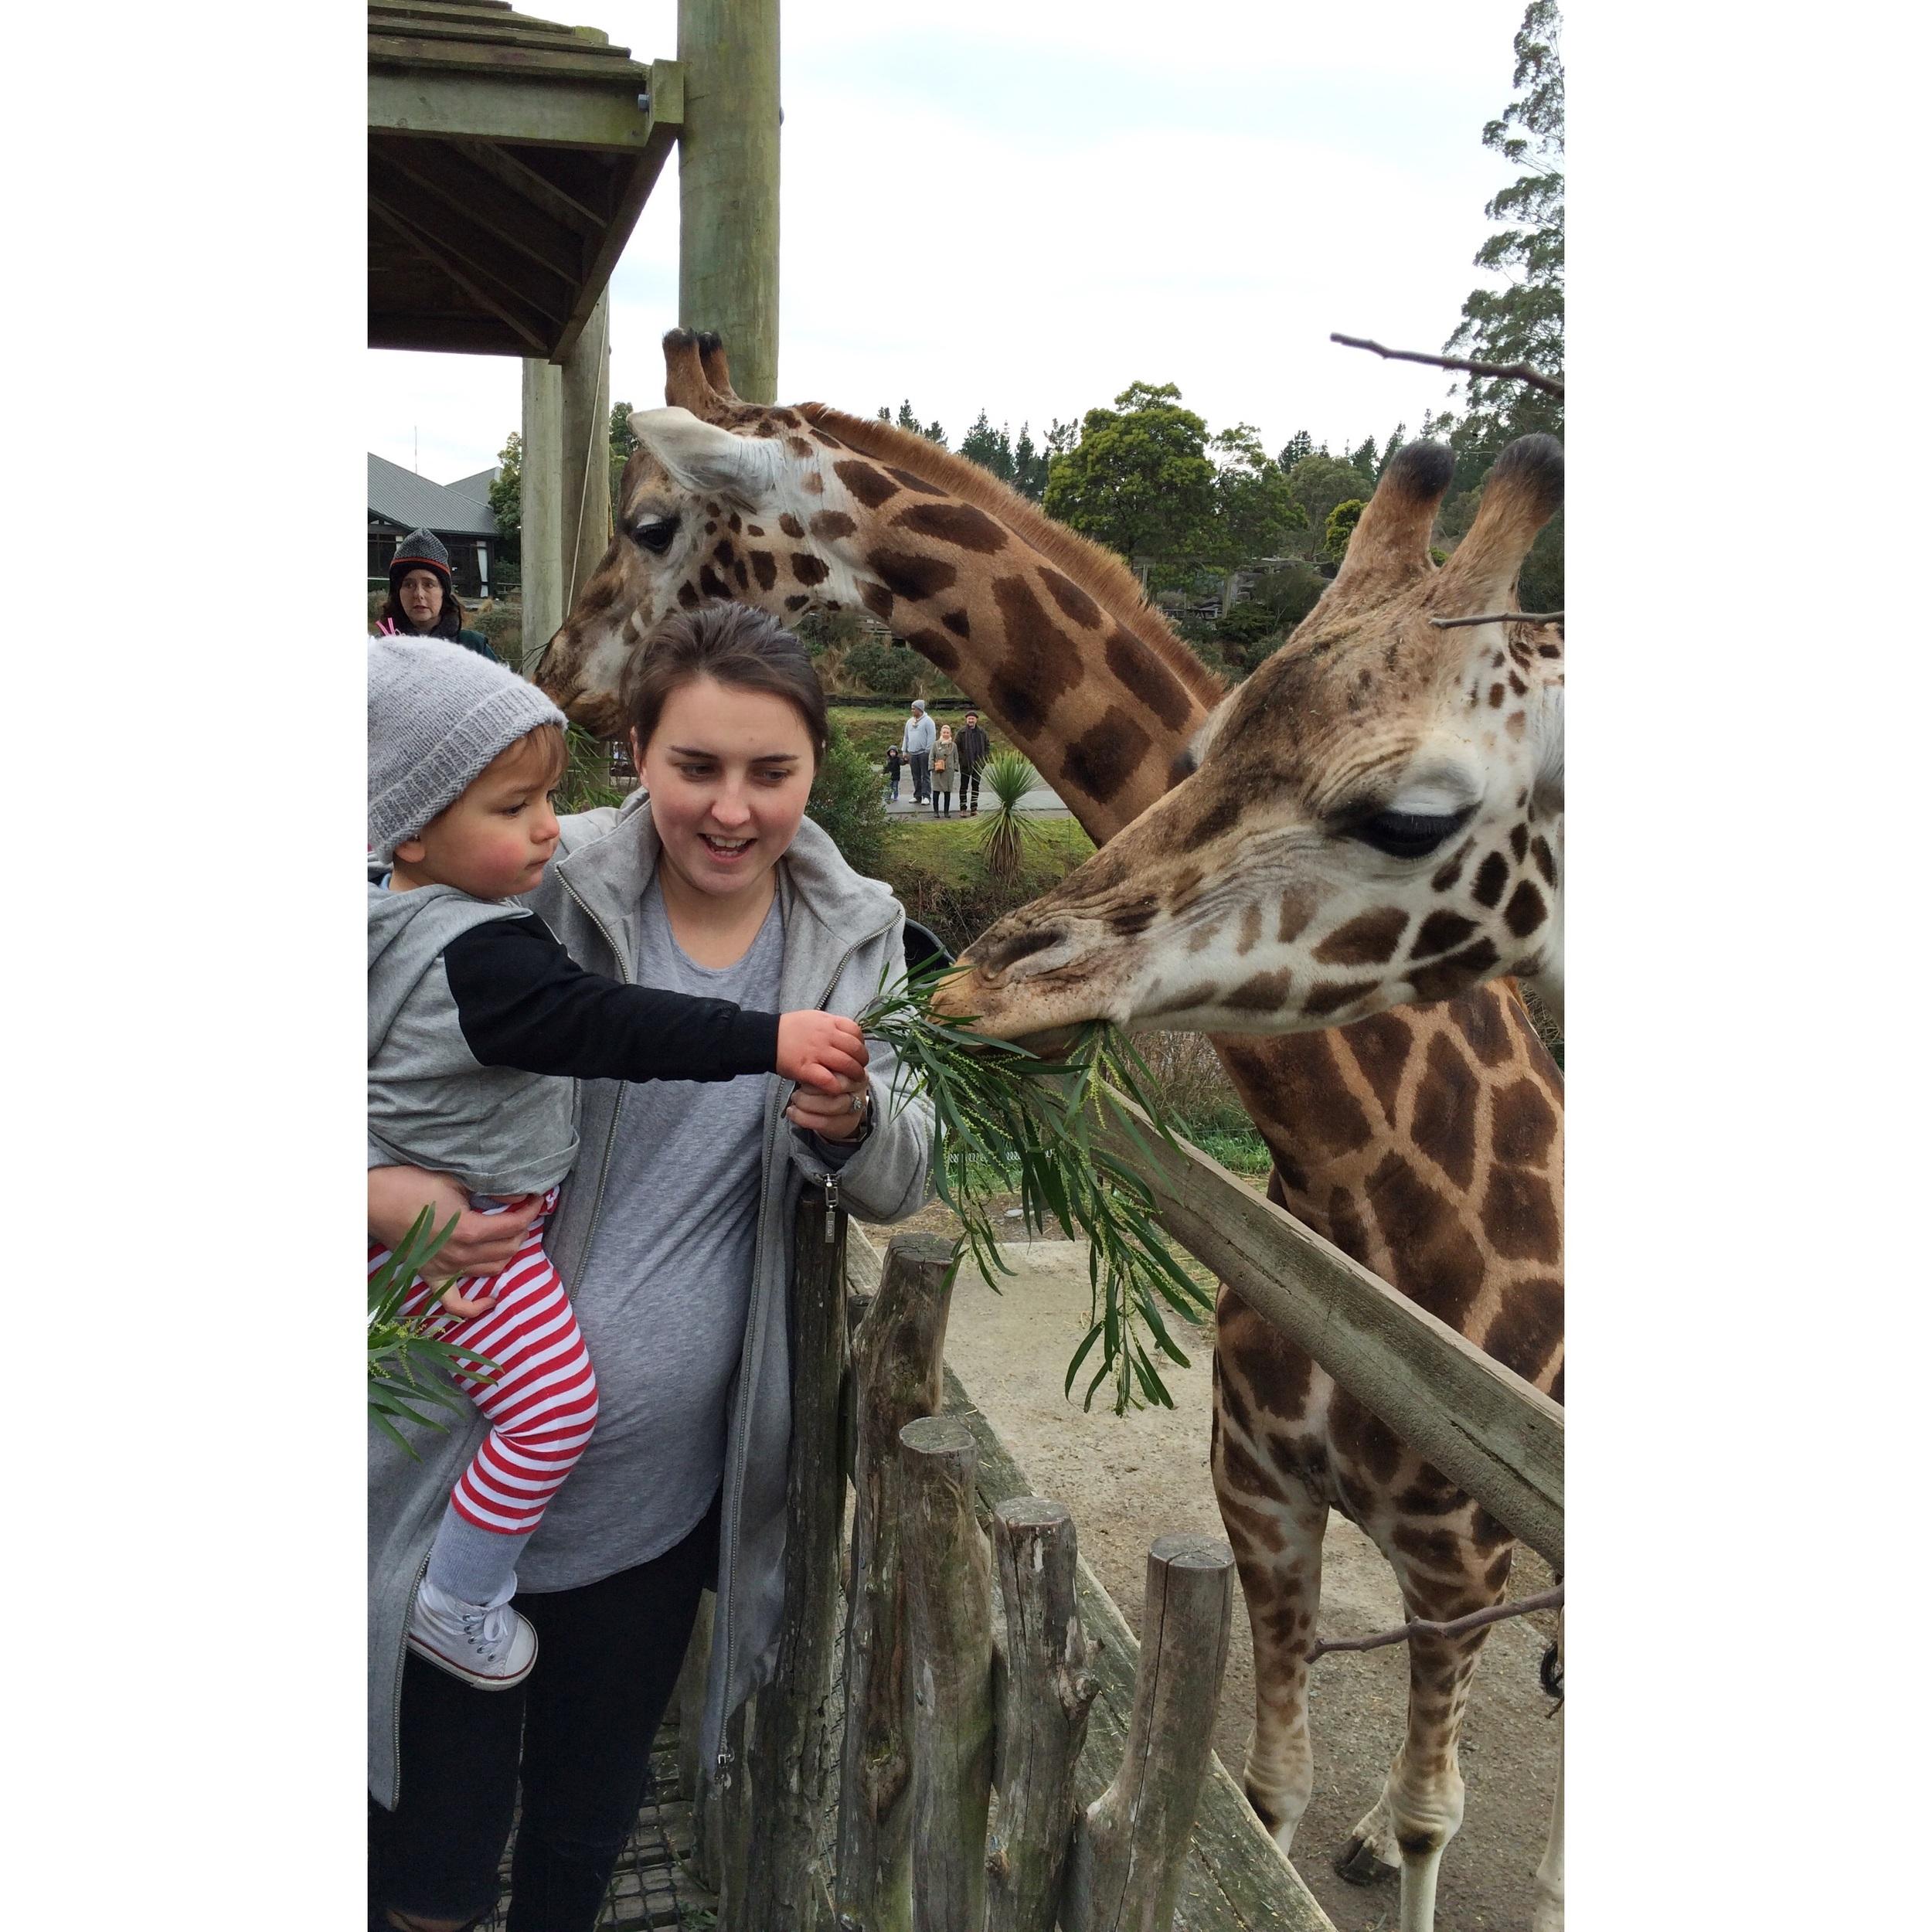 Feeding the giraffe at Orana Park.